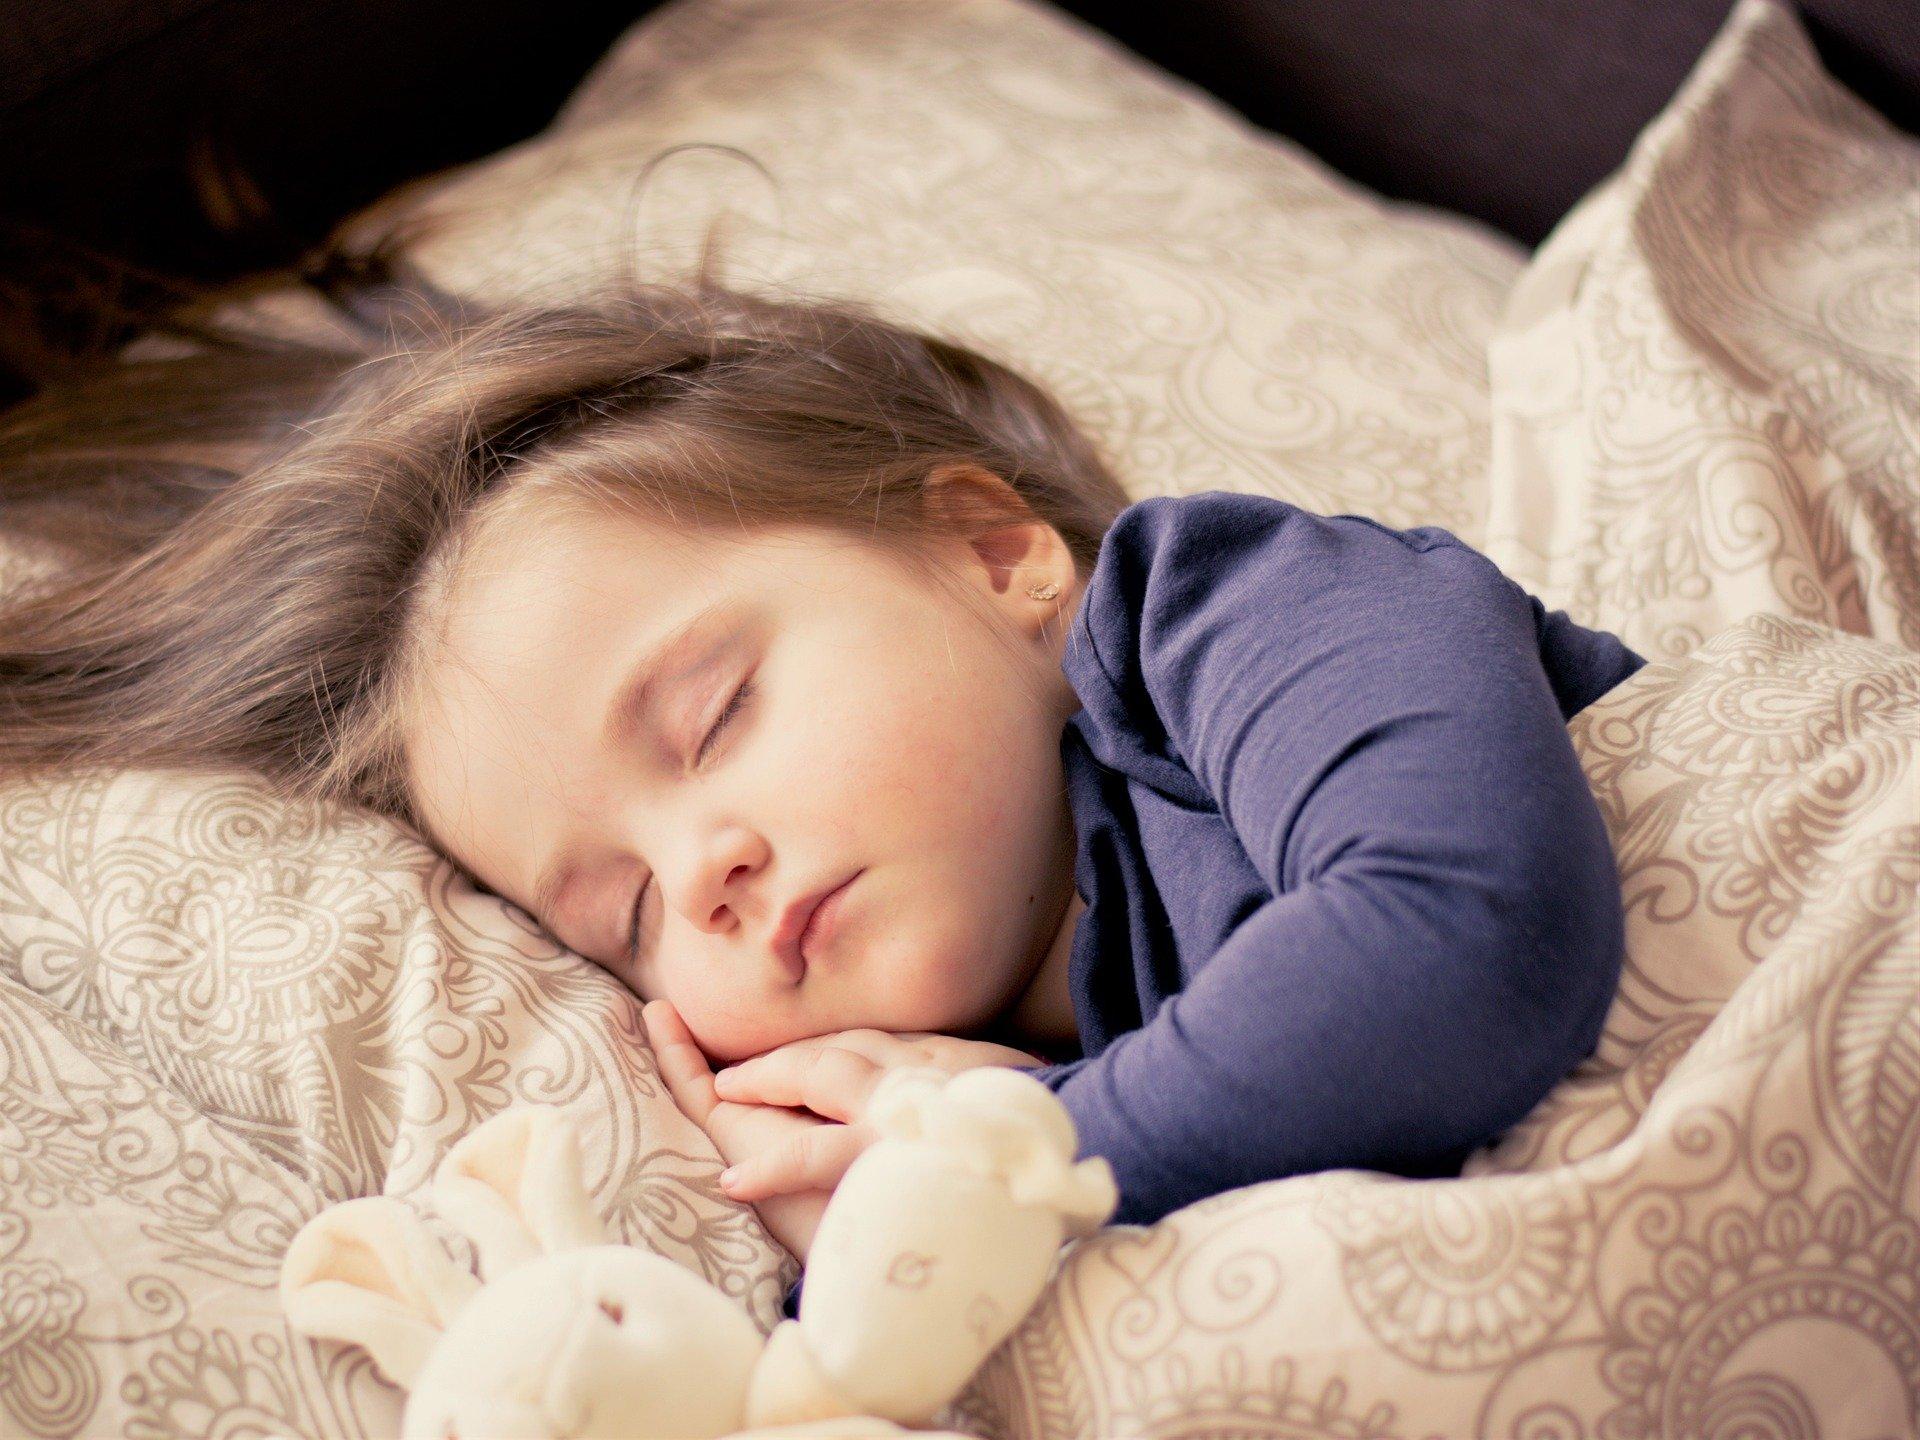 益卡思儿童成长,益卡思儿童床垫